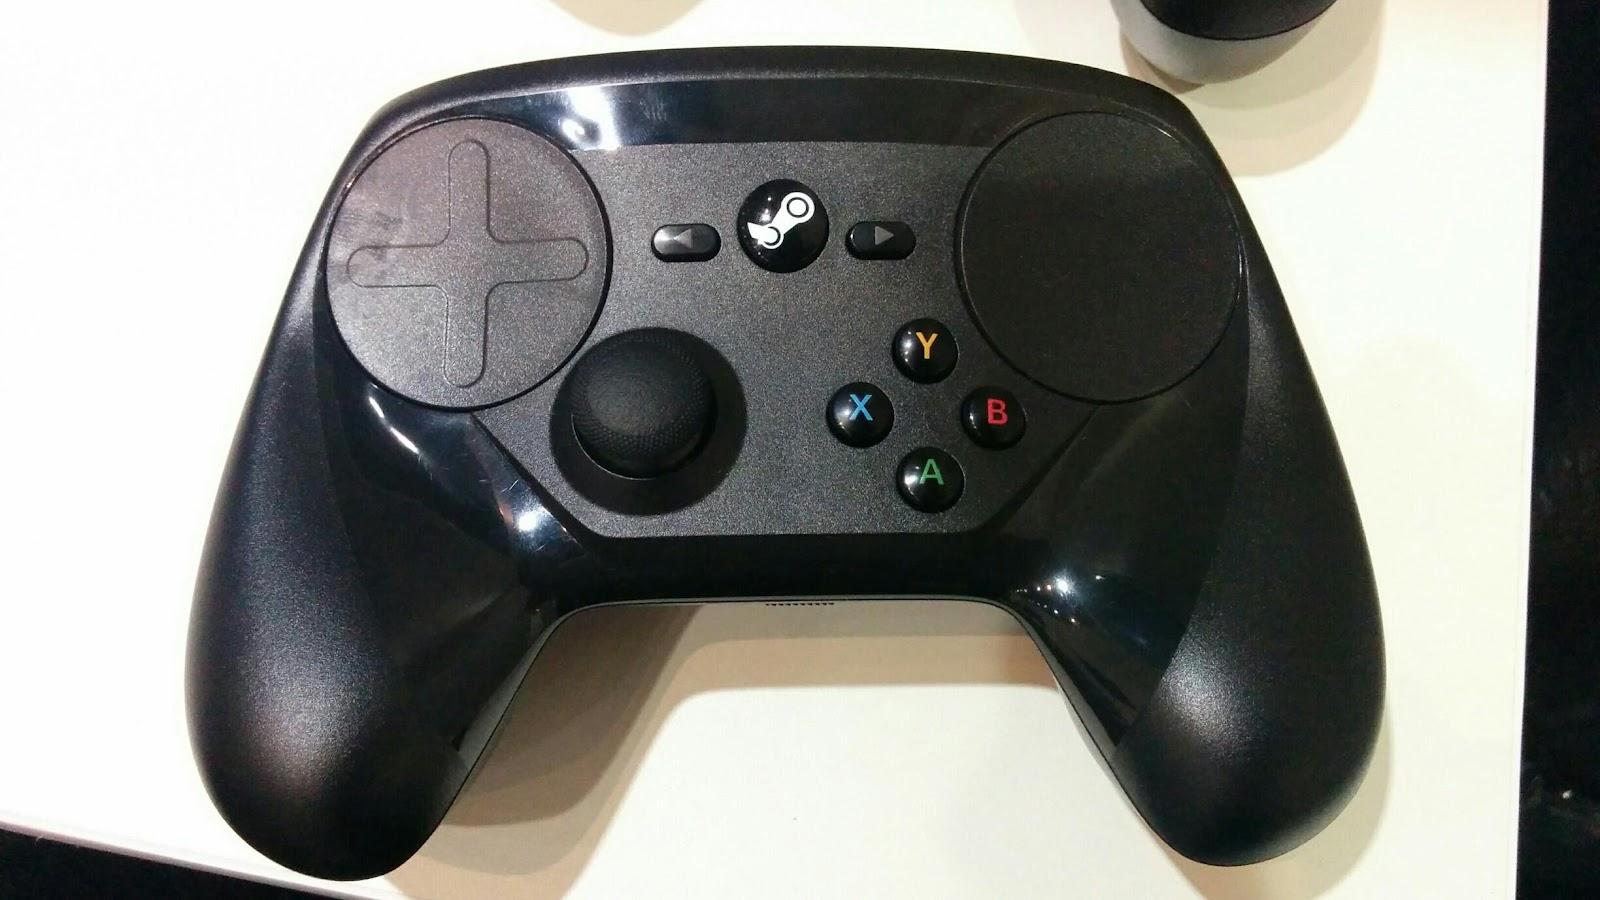 Tay cầm Valve Steam được sử dụng với PC và có thể sử dụng được trong các trò chơi mà không hỗ trợ cho tay cầm